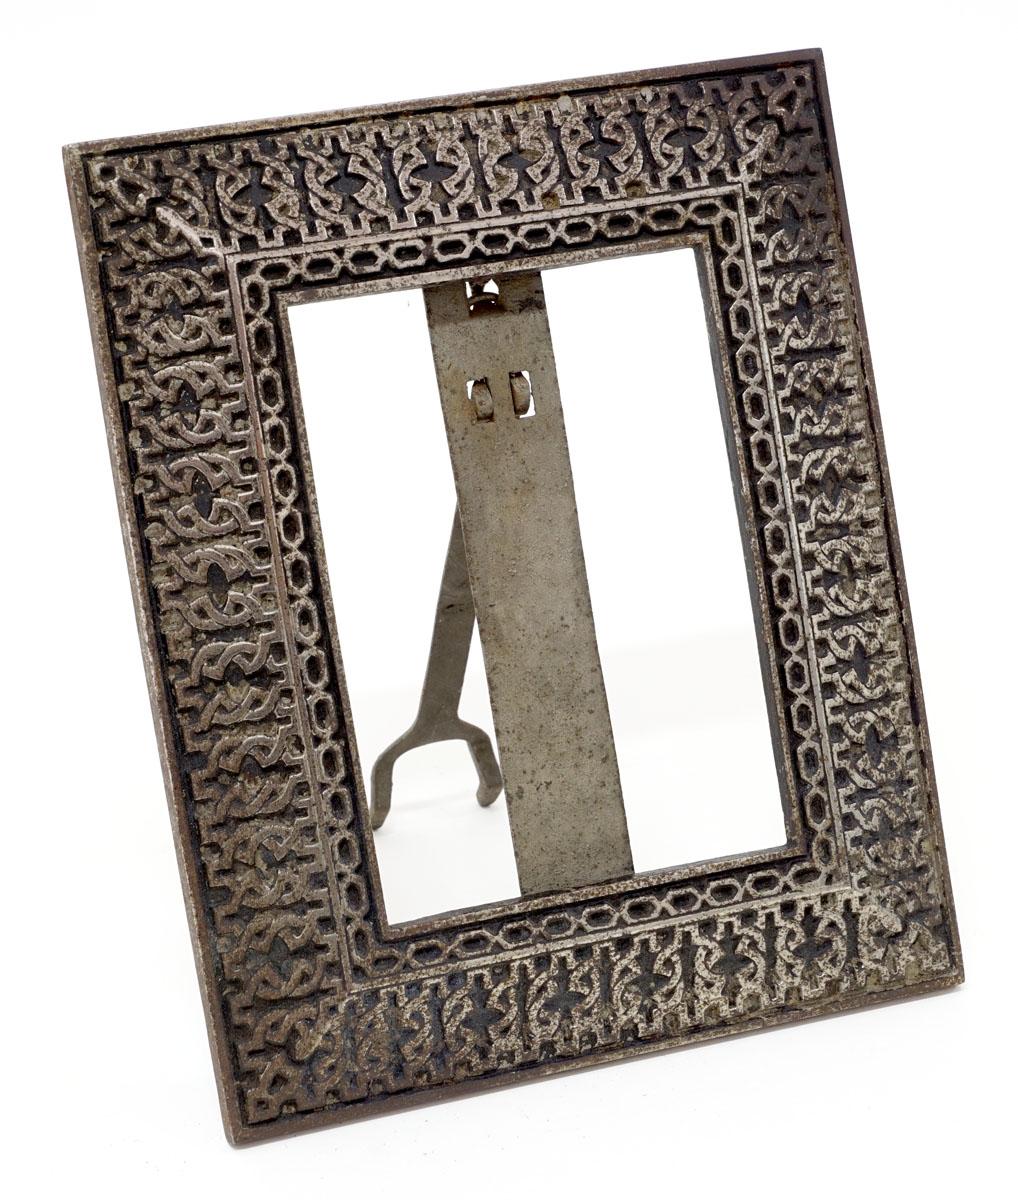 La cadre est photographié de trois-quarts face.